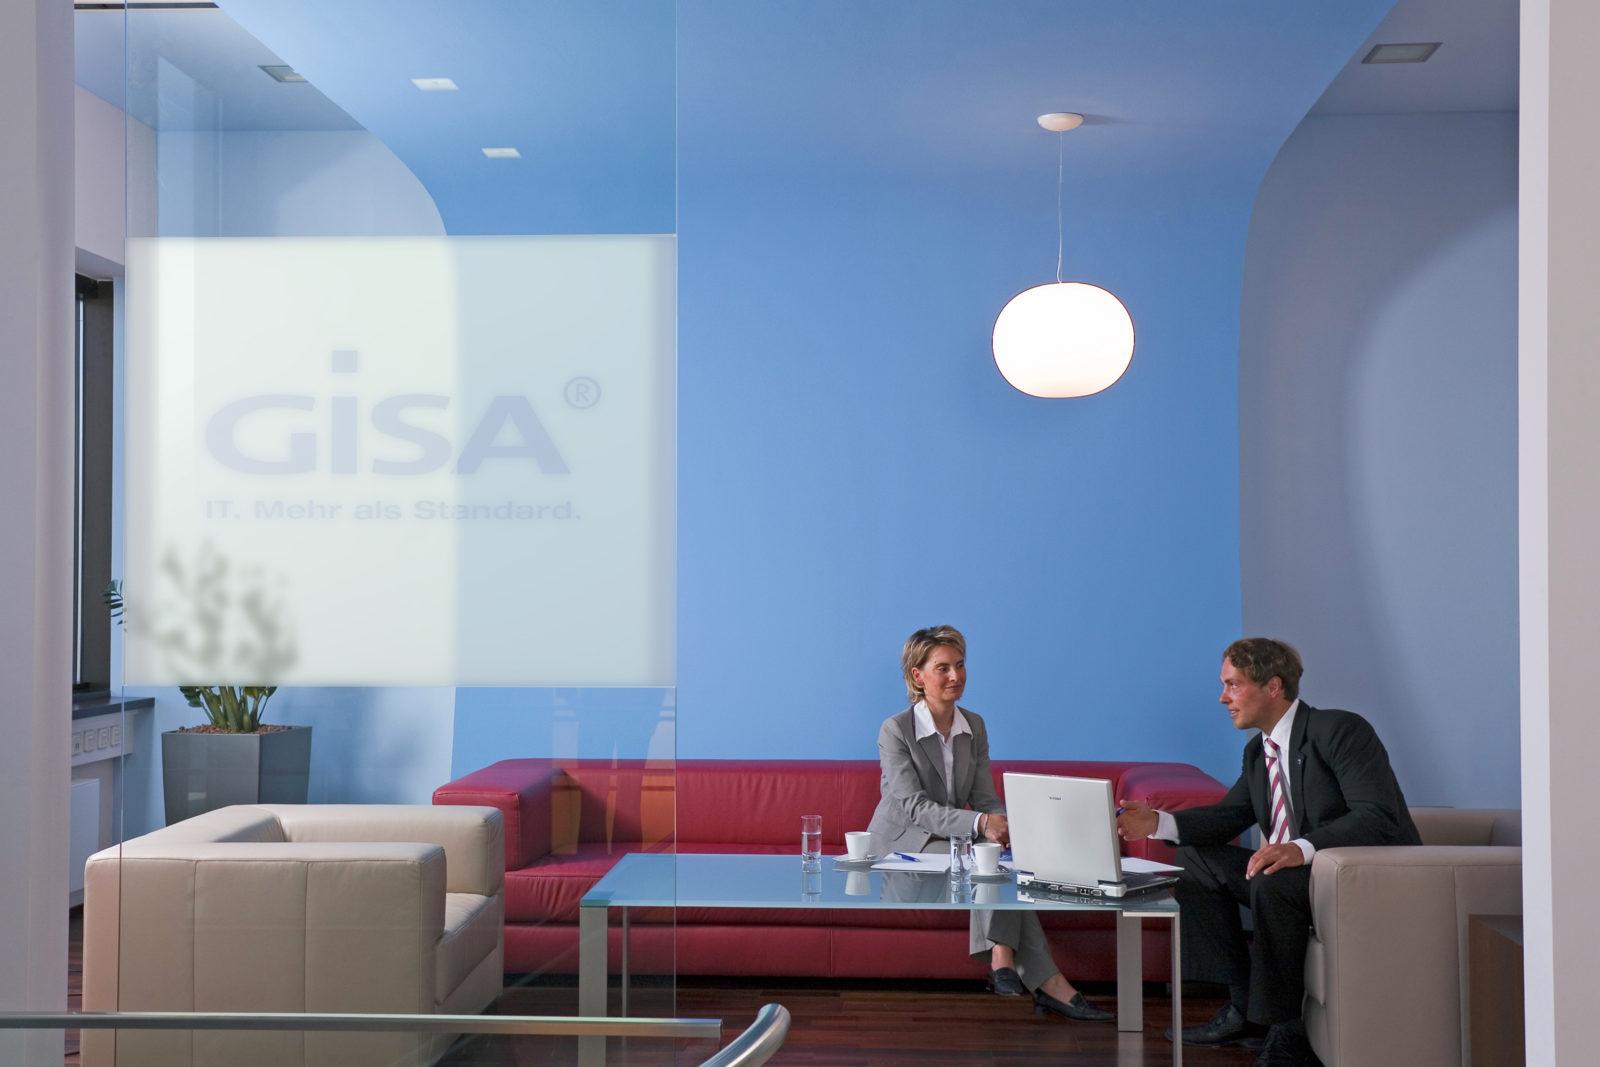 Neugestaltung Geschäftsräume GiSA GmbH in Halle - Lounge